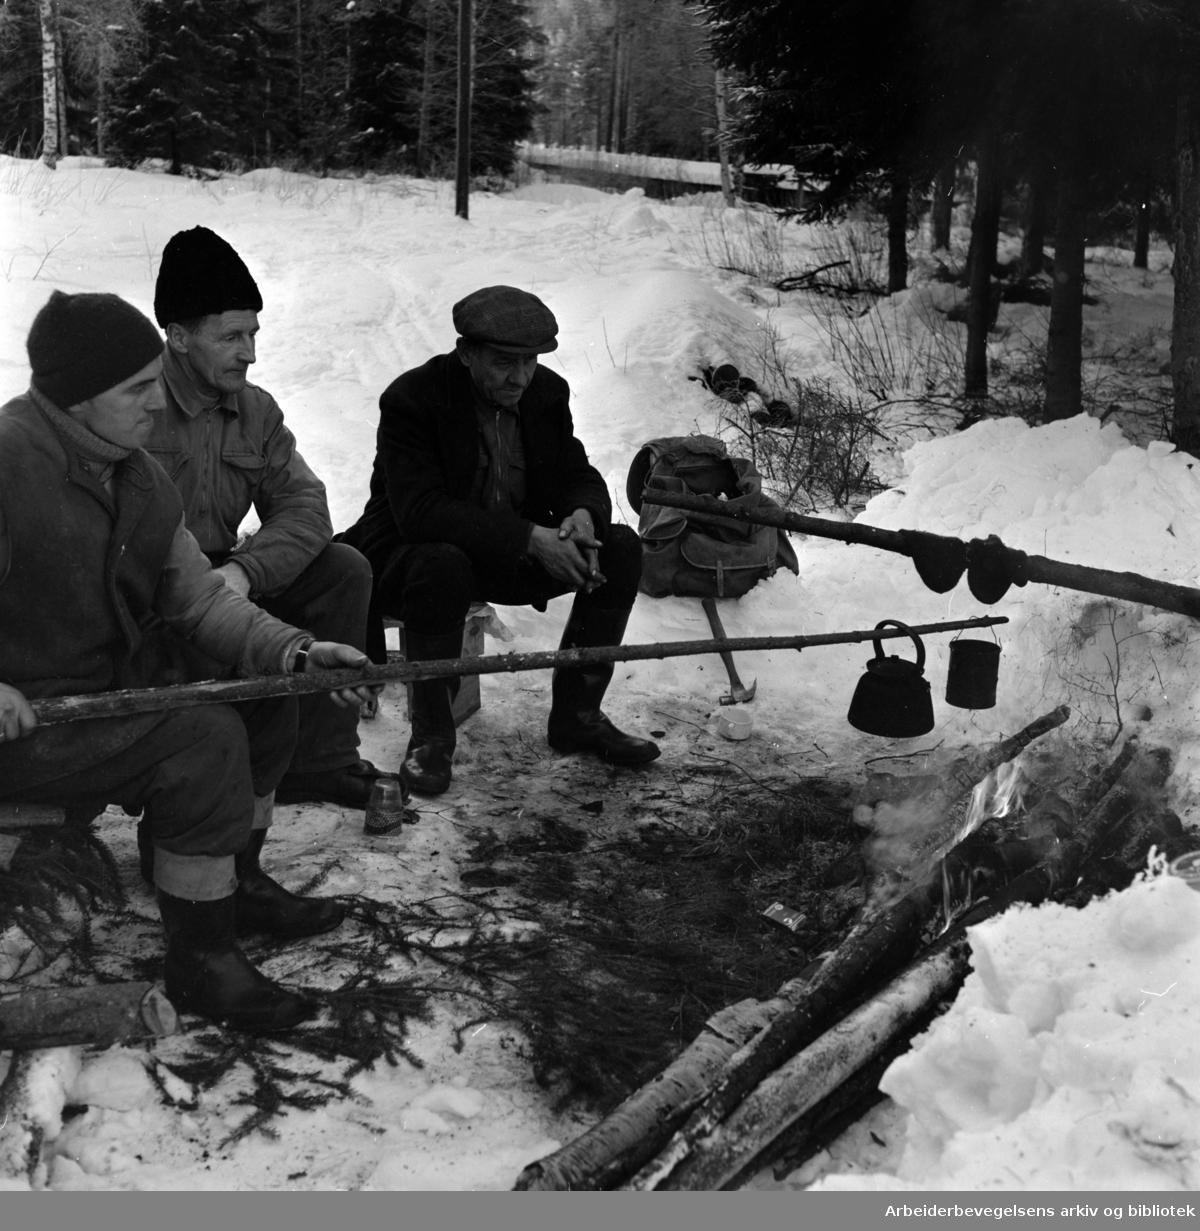 Østmarka: Løypa går ved Rustadsaga over Nøklevannsledningen, som tre menn nå slår en 16 meter bru over. Januar 1959